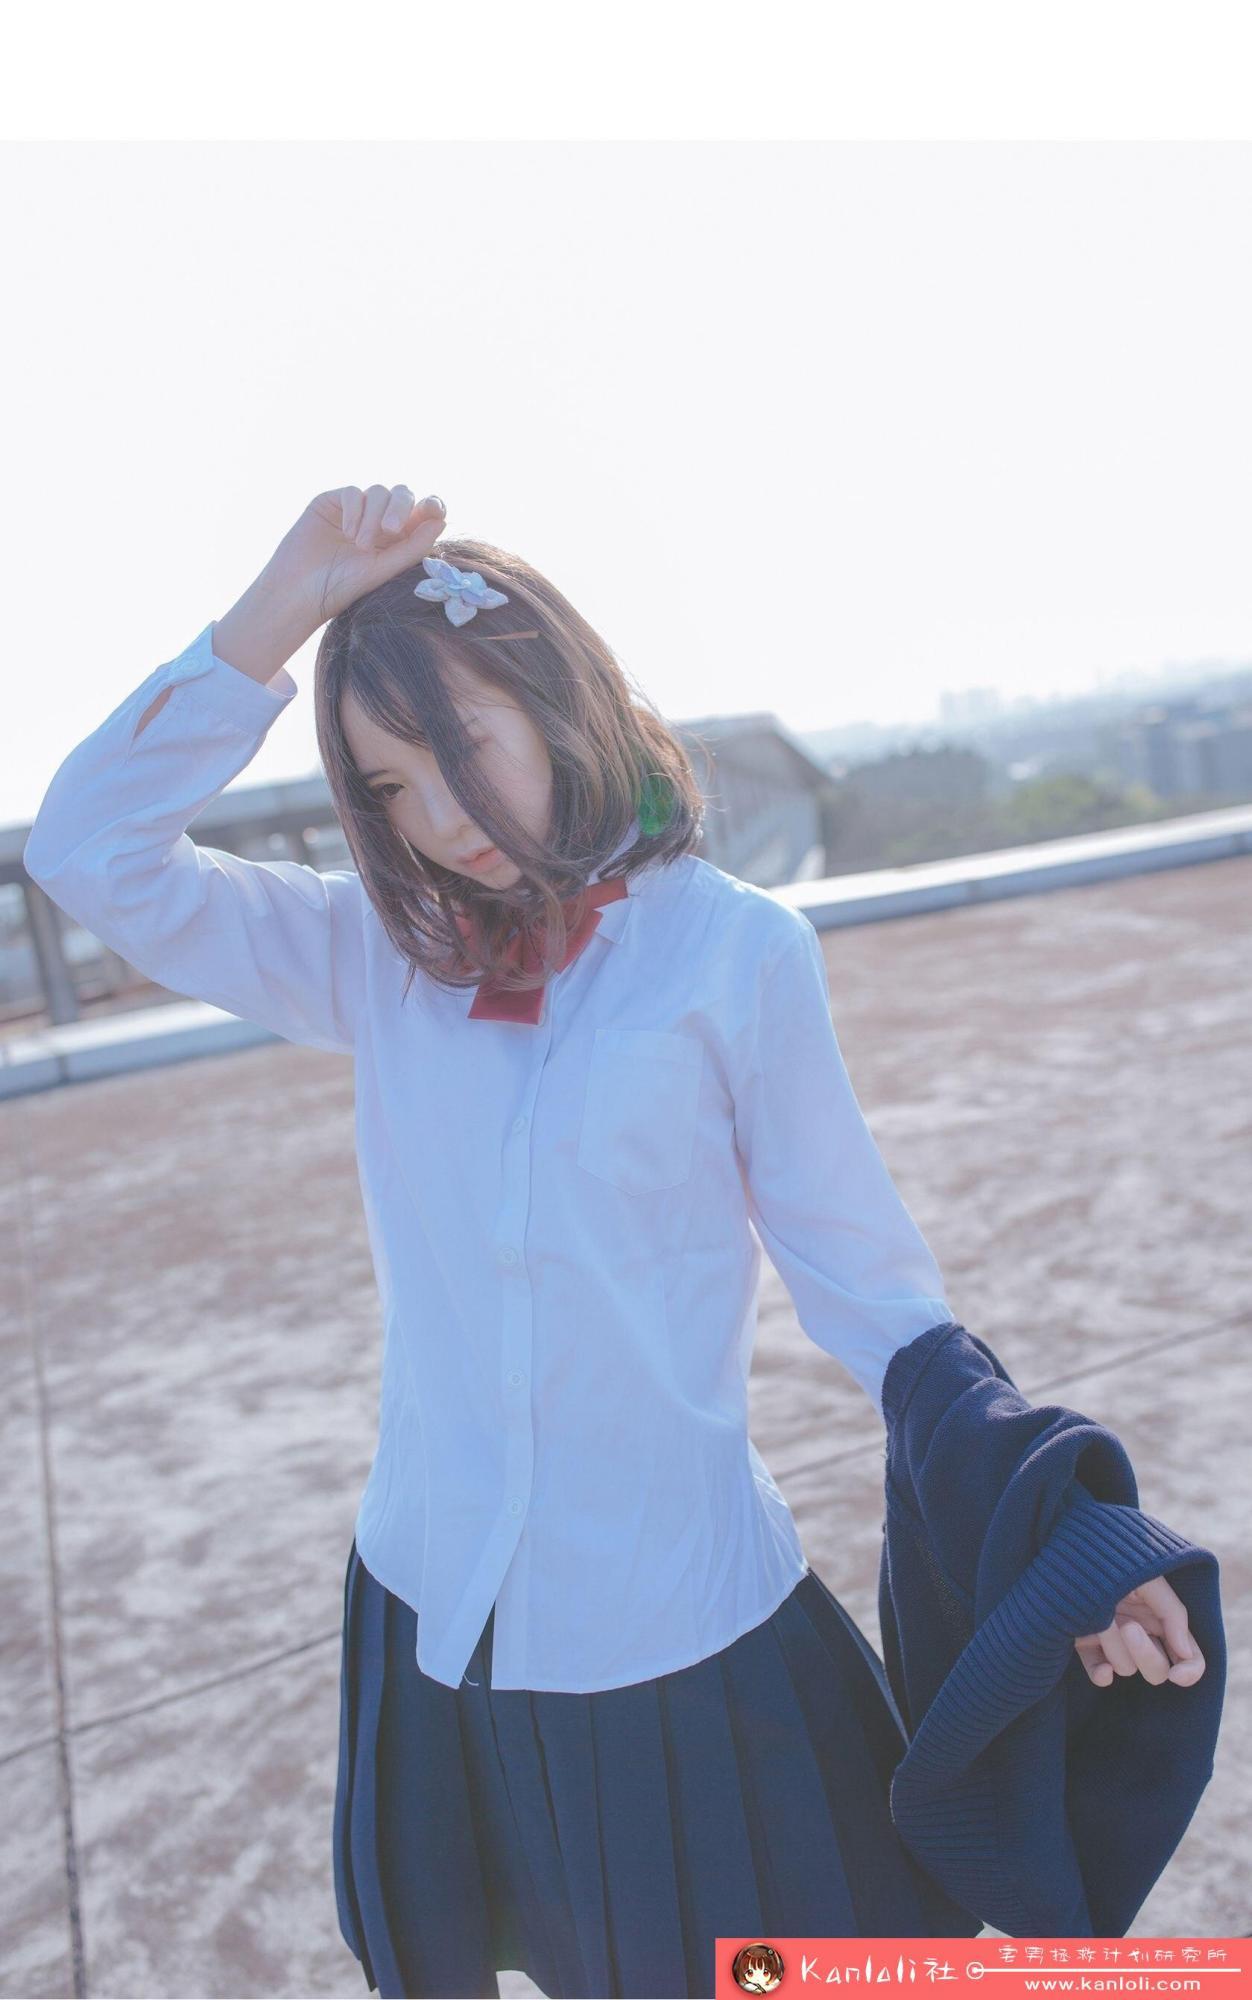 【疯猫ss】疯猫ss写真-FM-018 阳台上的燥热少女 [19P]